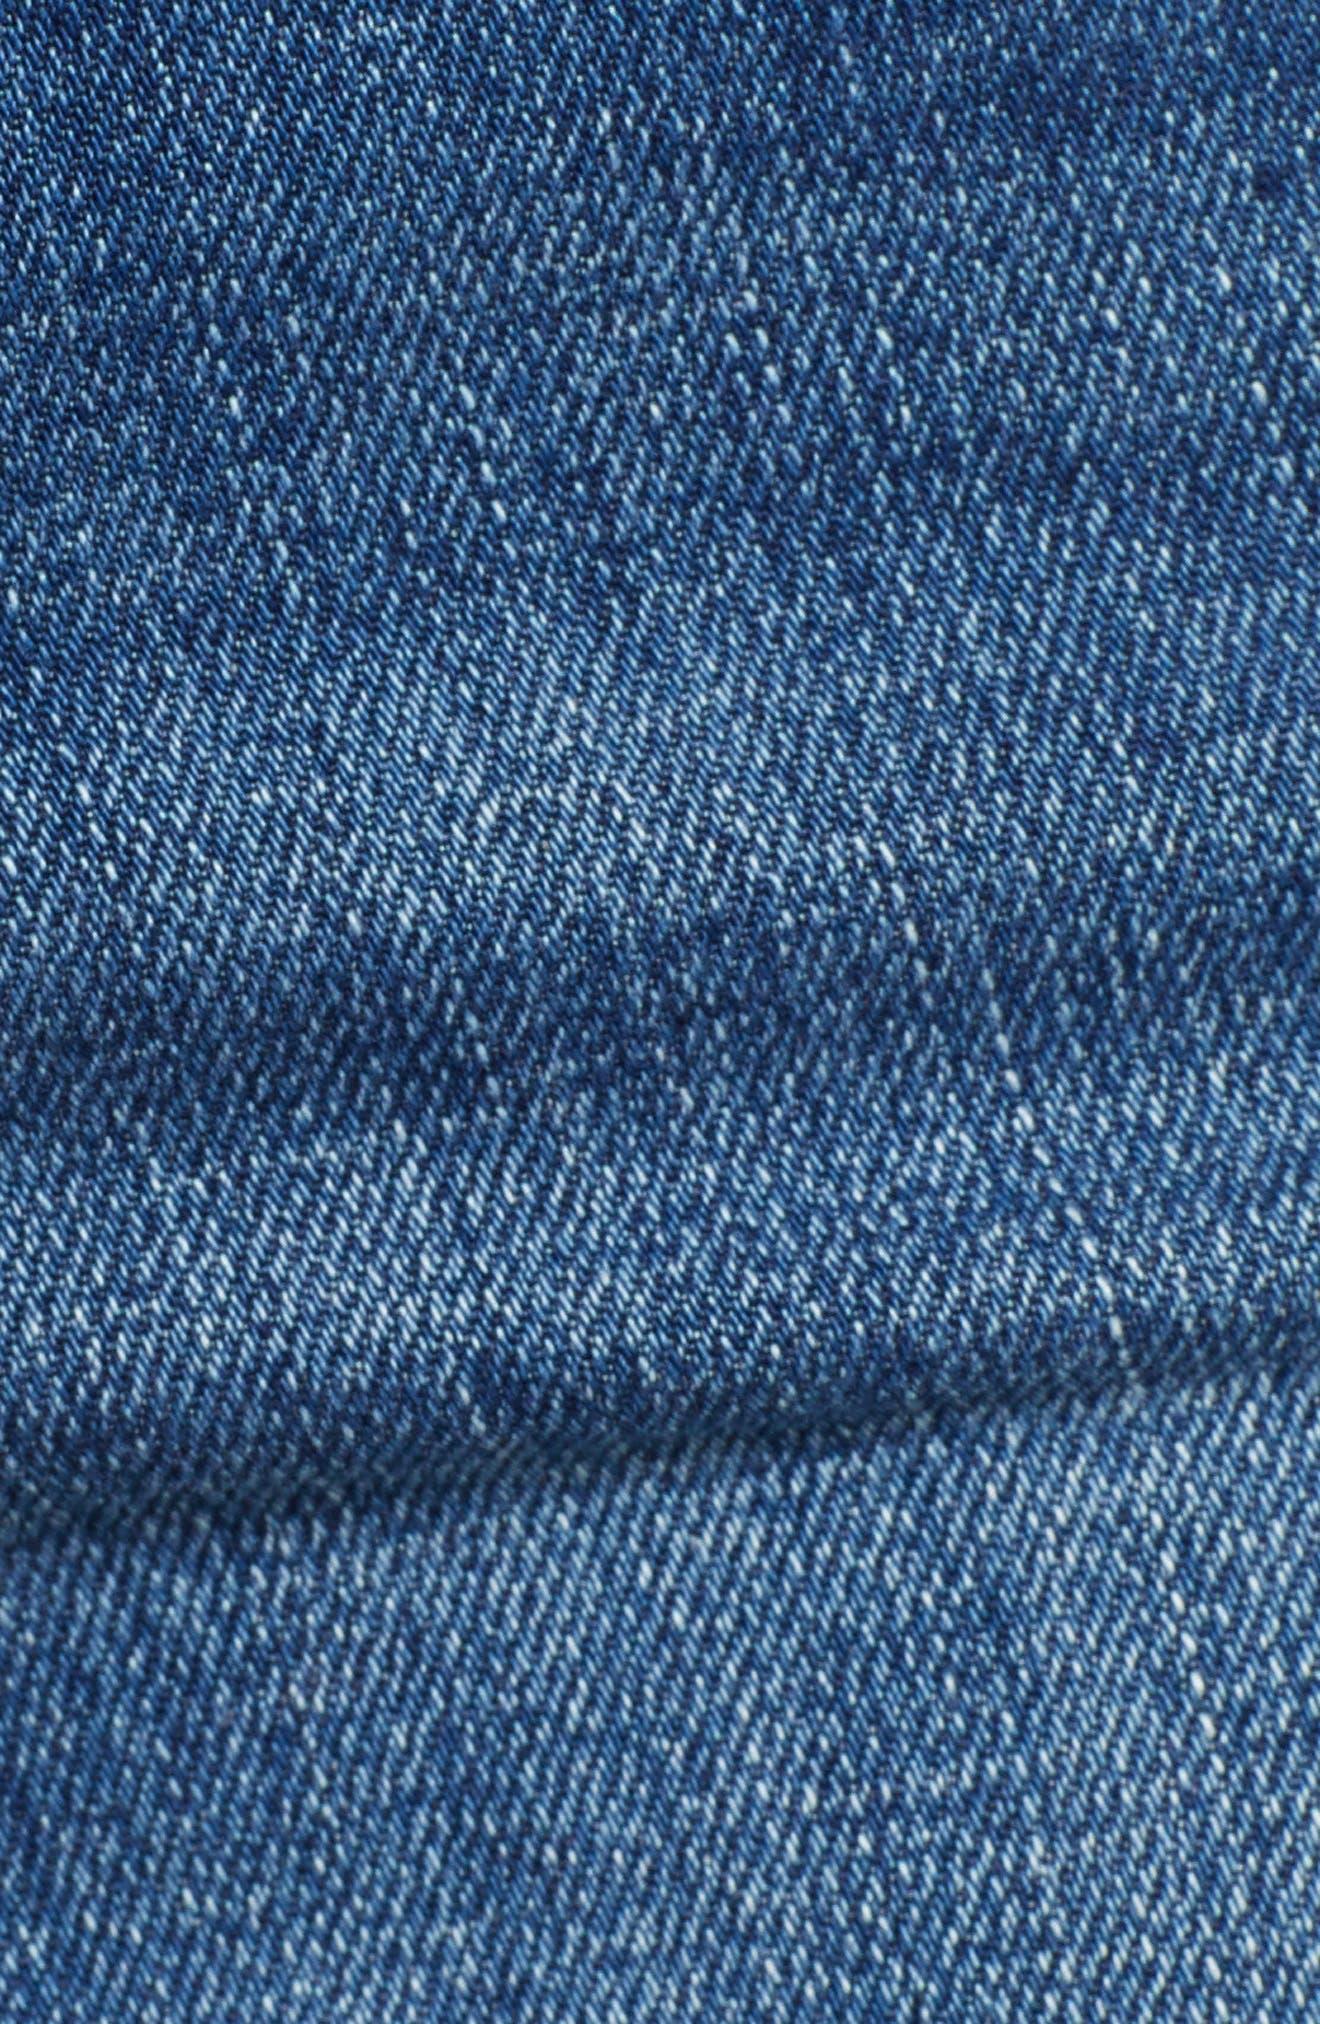 TJW Denim Shorts,                             Alternate thumbnail 6, color,                             400